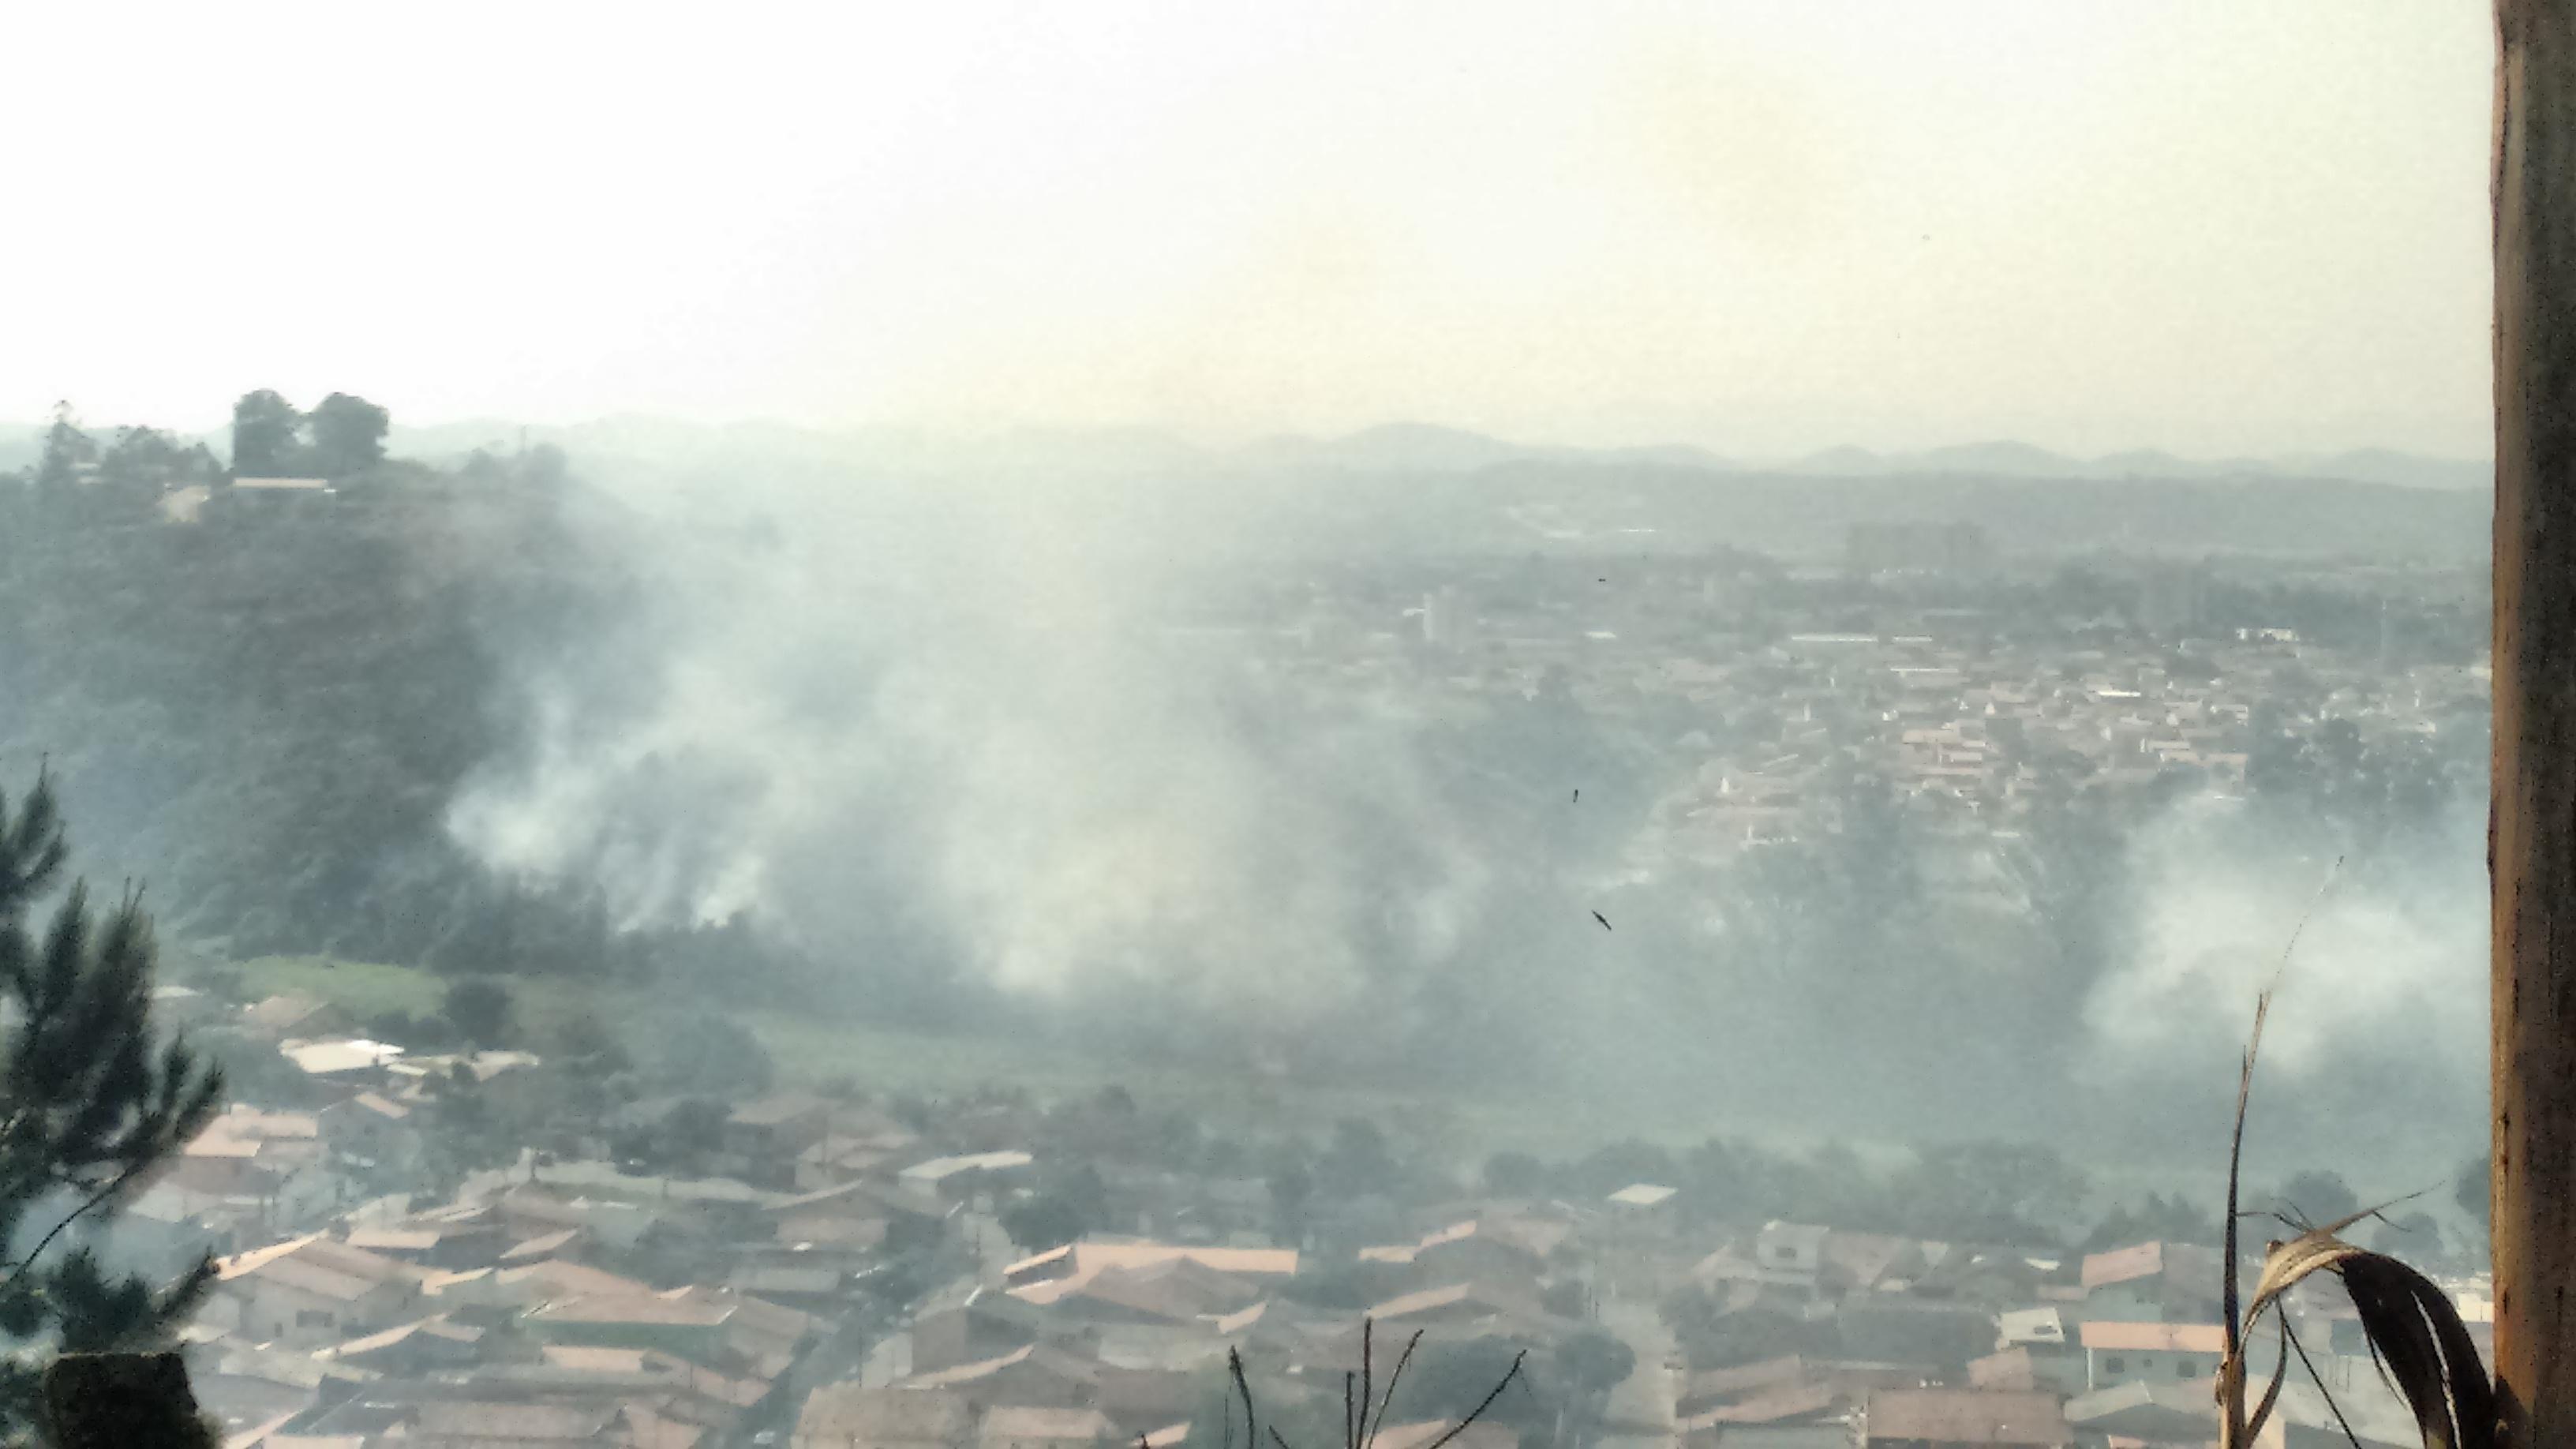 Forte queimada atinge bairros de Jacareí